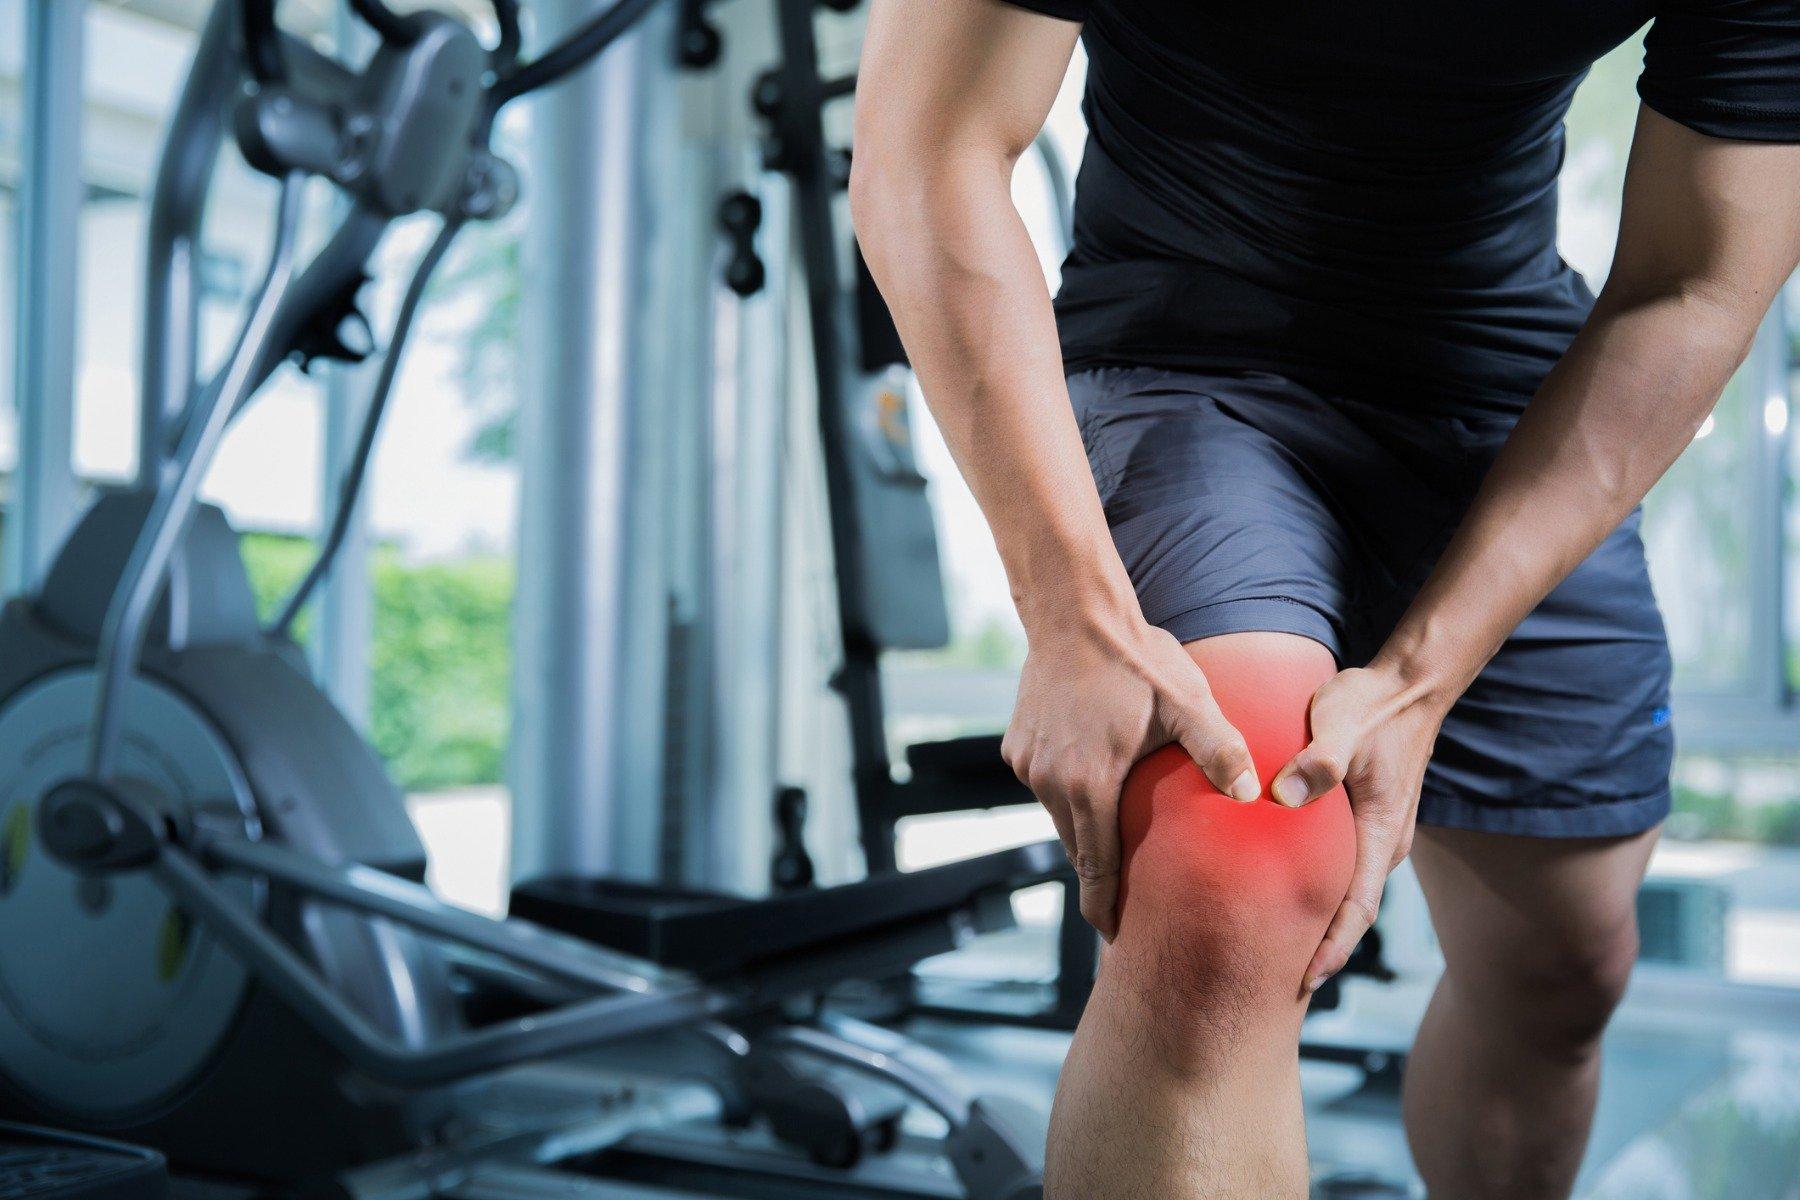 5 térdfájdalom elleni gyakorlat, amit imádni fogsz